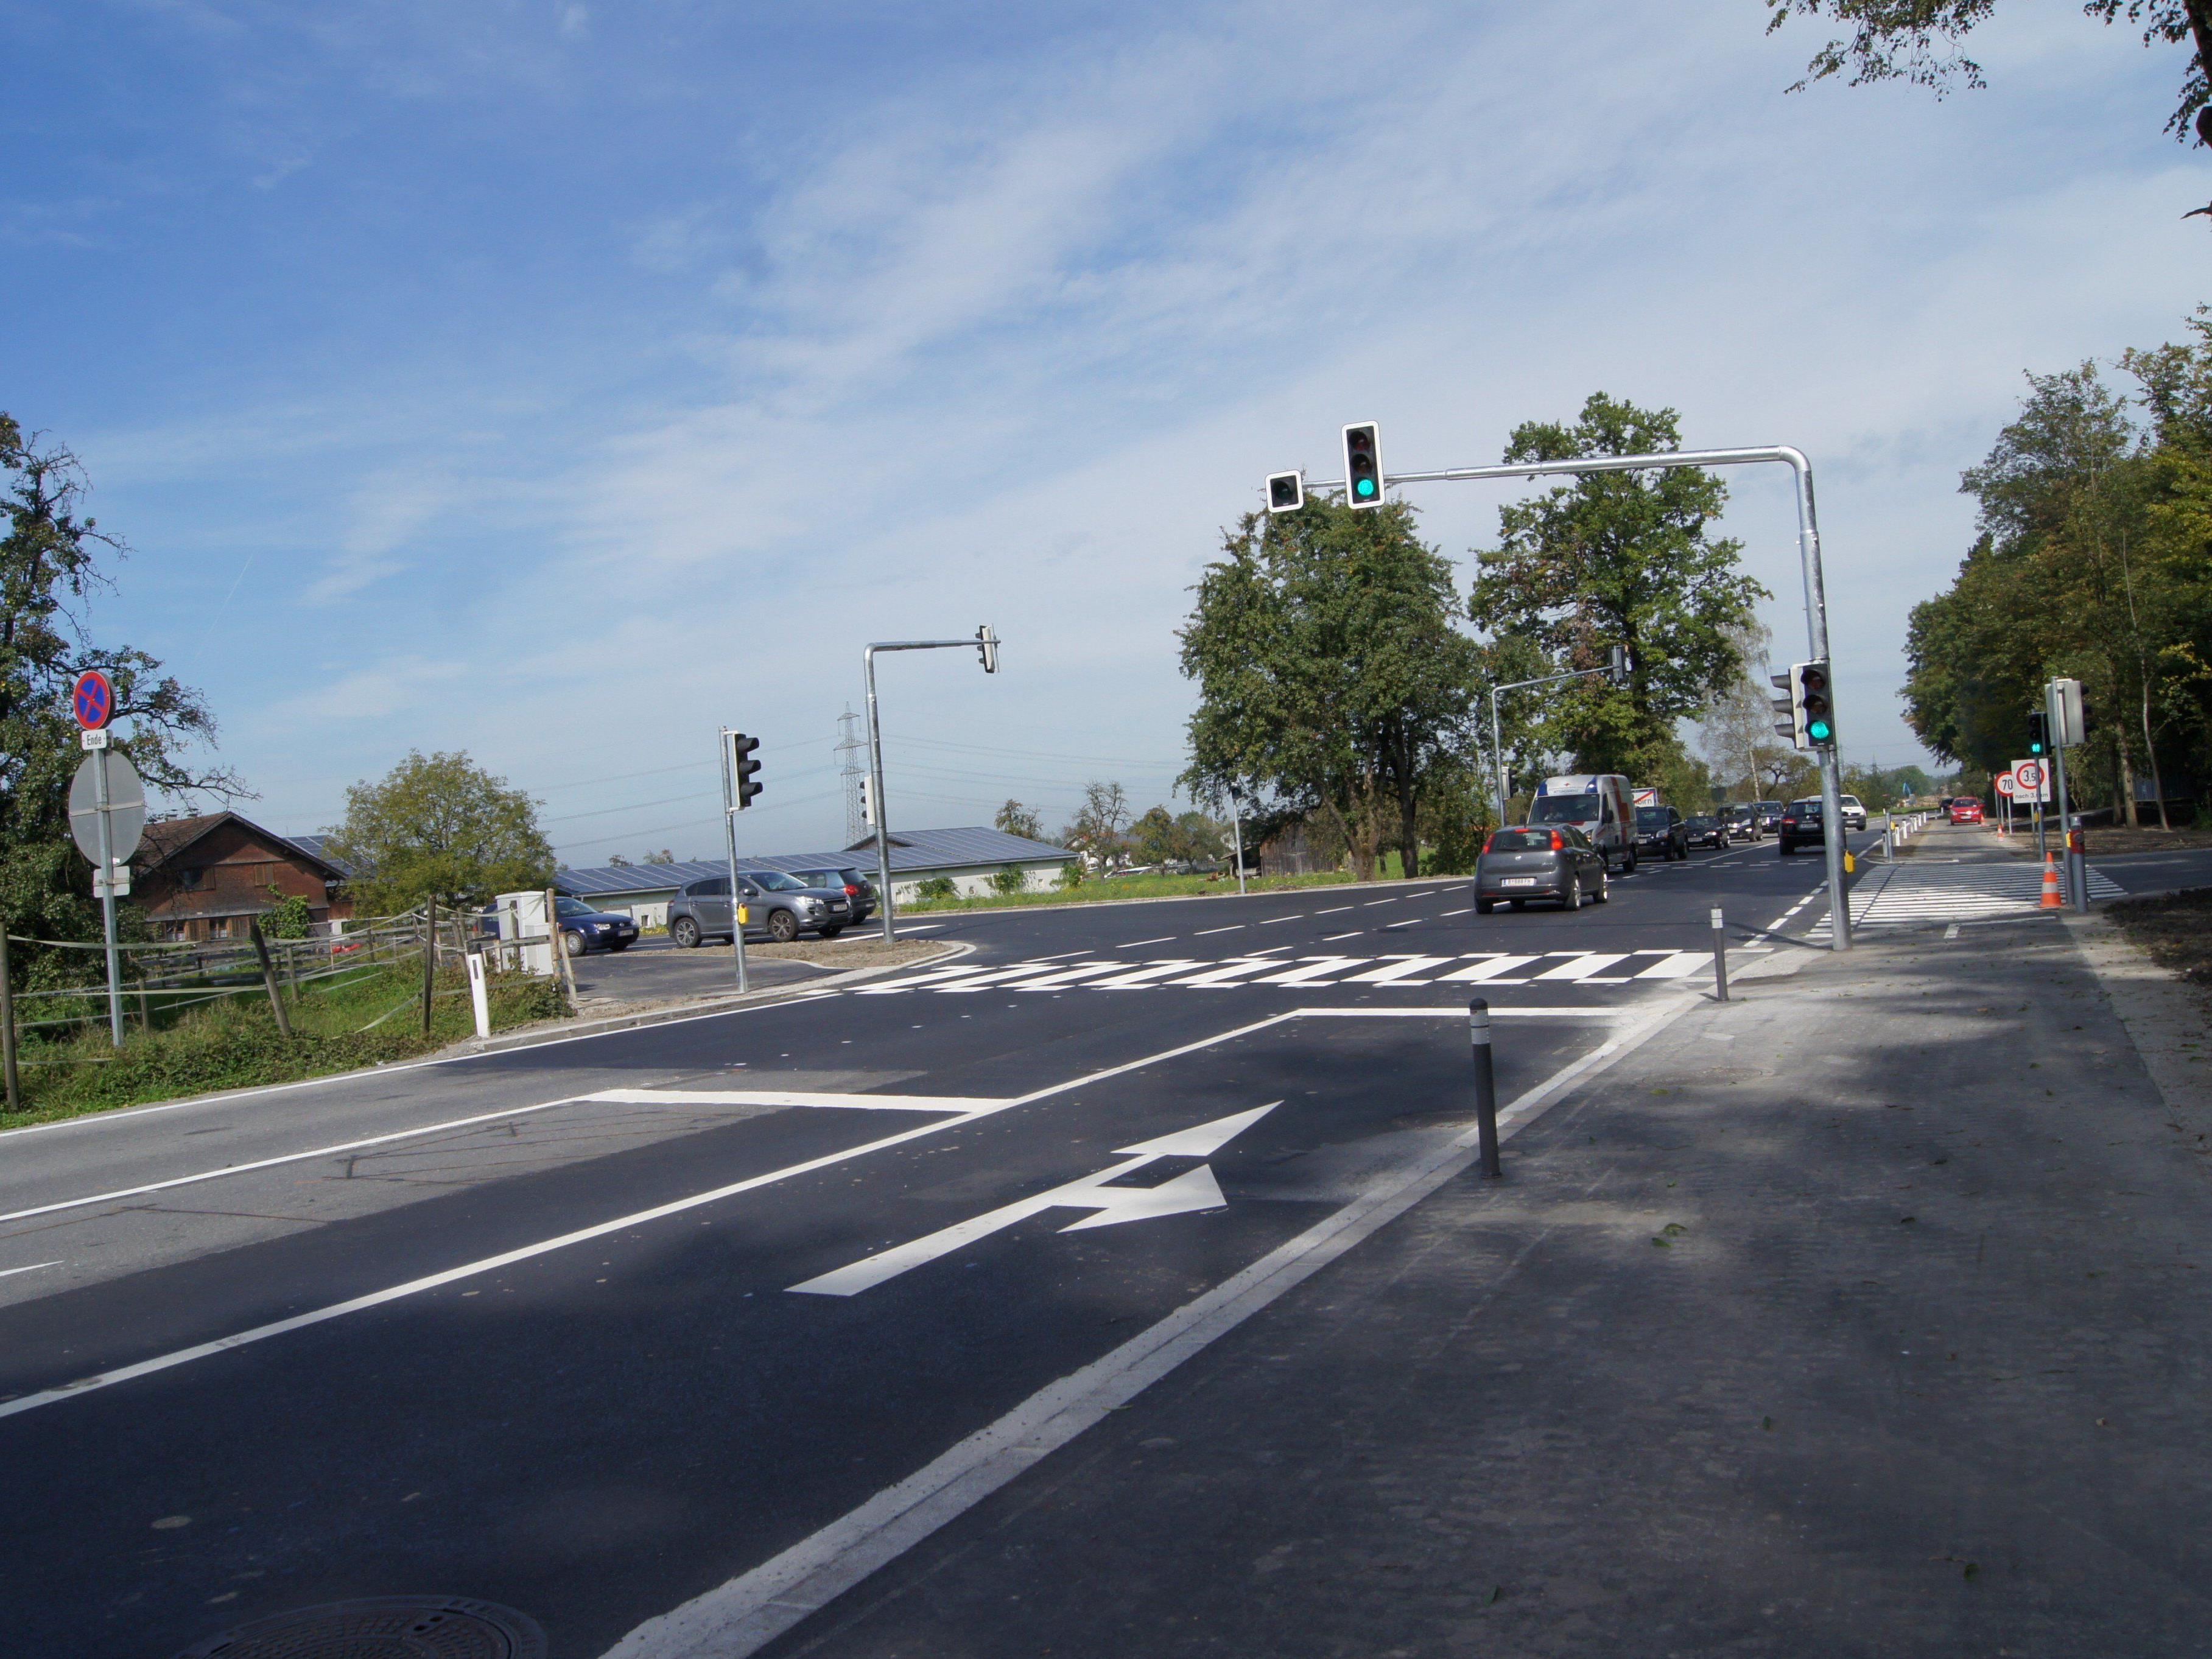 Die Kreuzung an der Höchster-Straße/Josef-Ganahl-Straße wird nun durch eine Ampel geregelt.